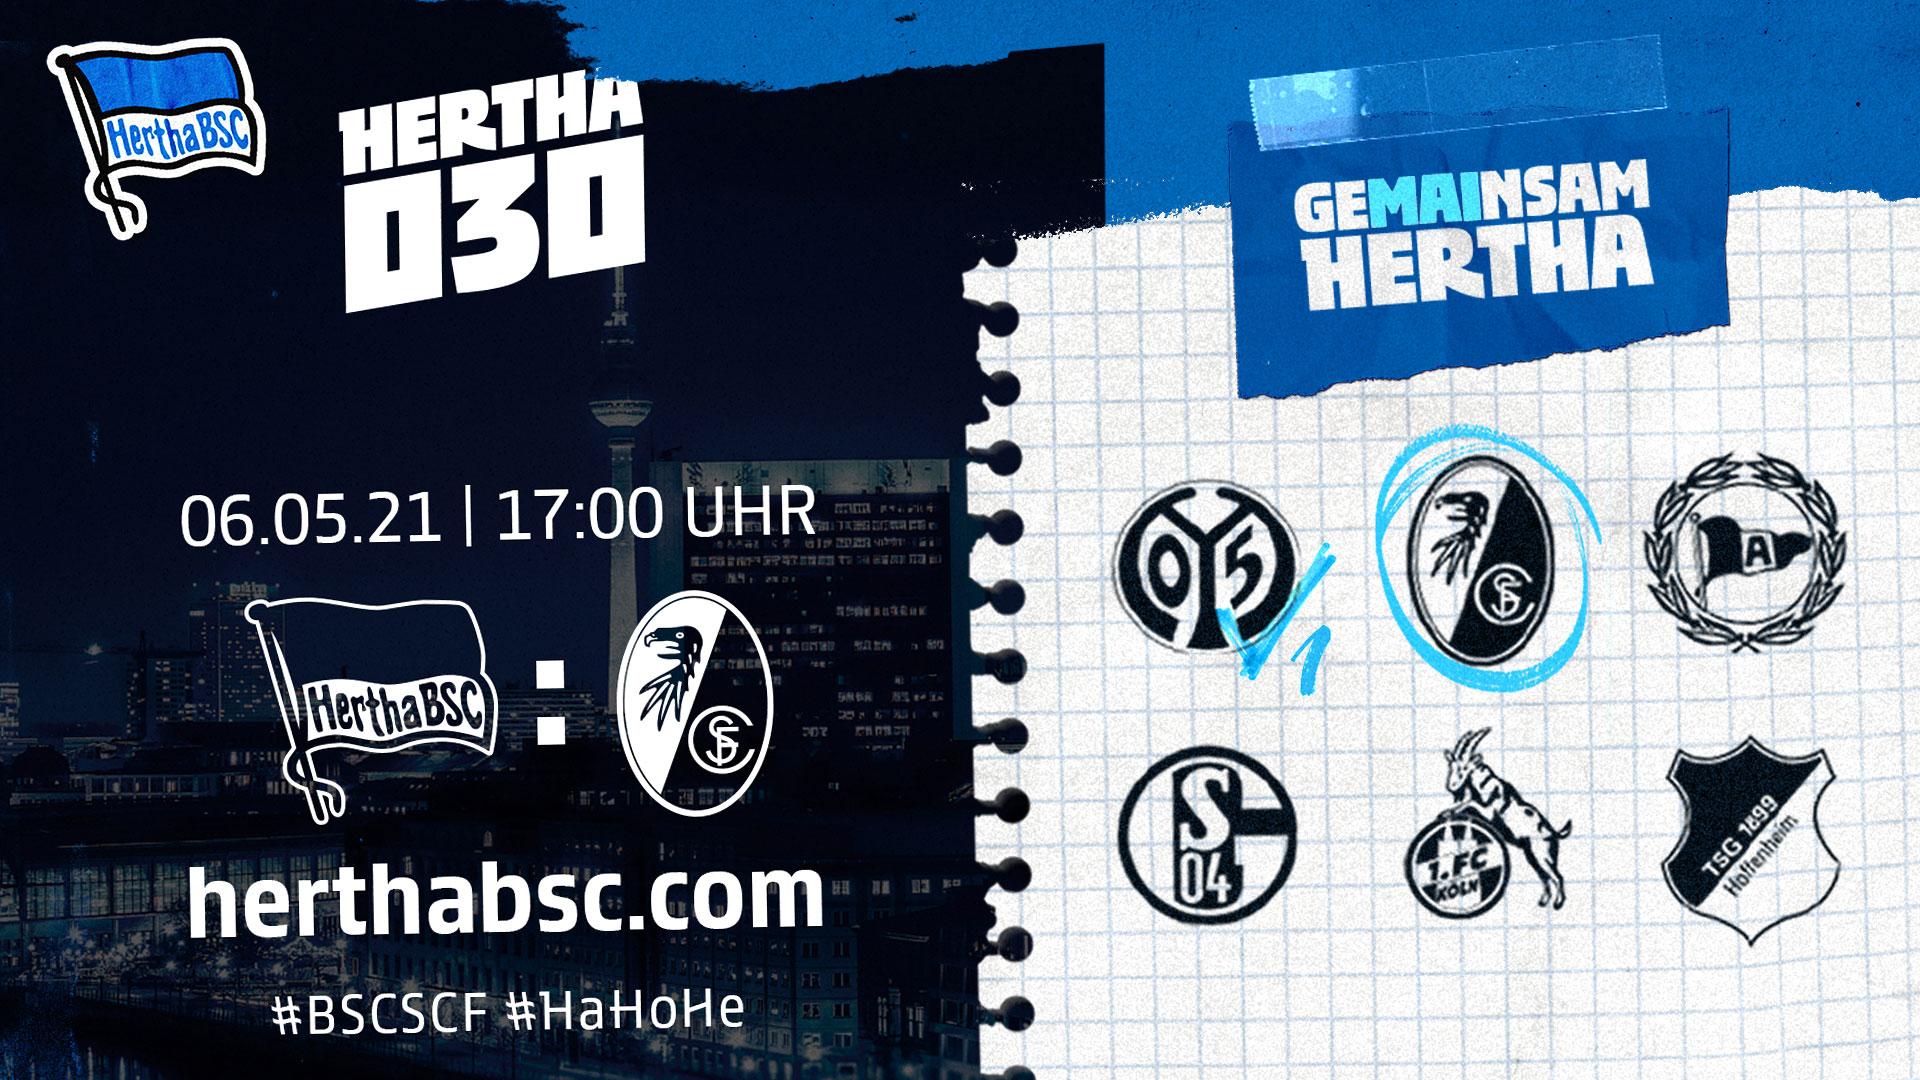 Hertha030 gegen Freiburg